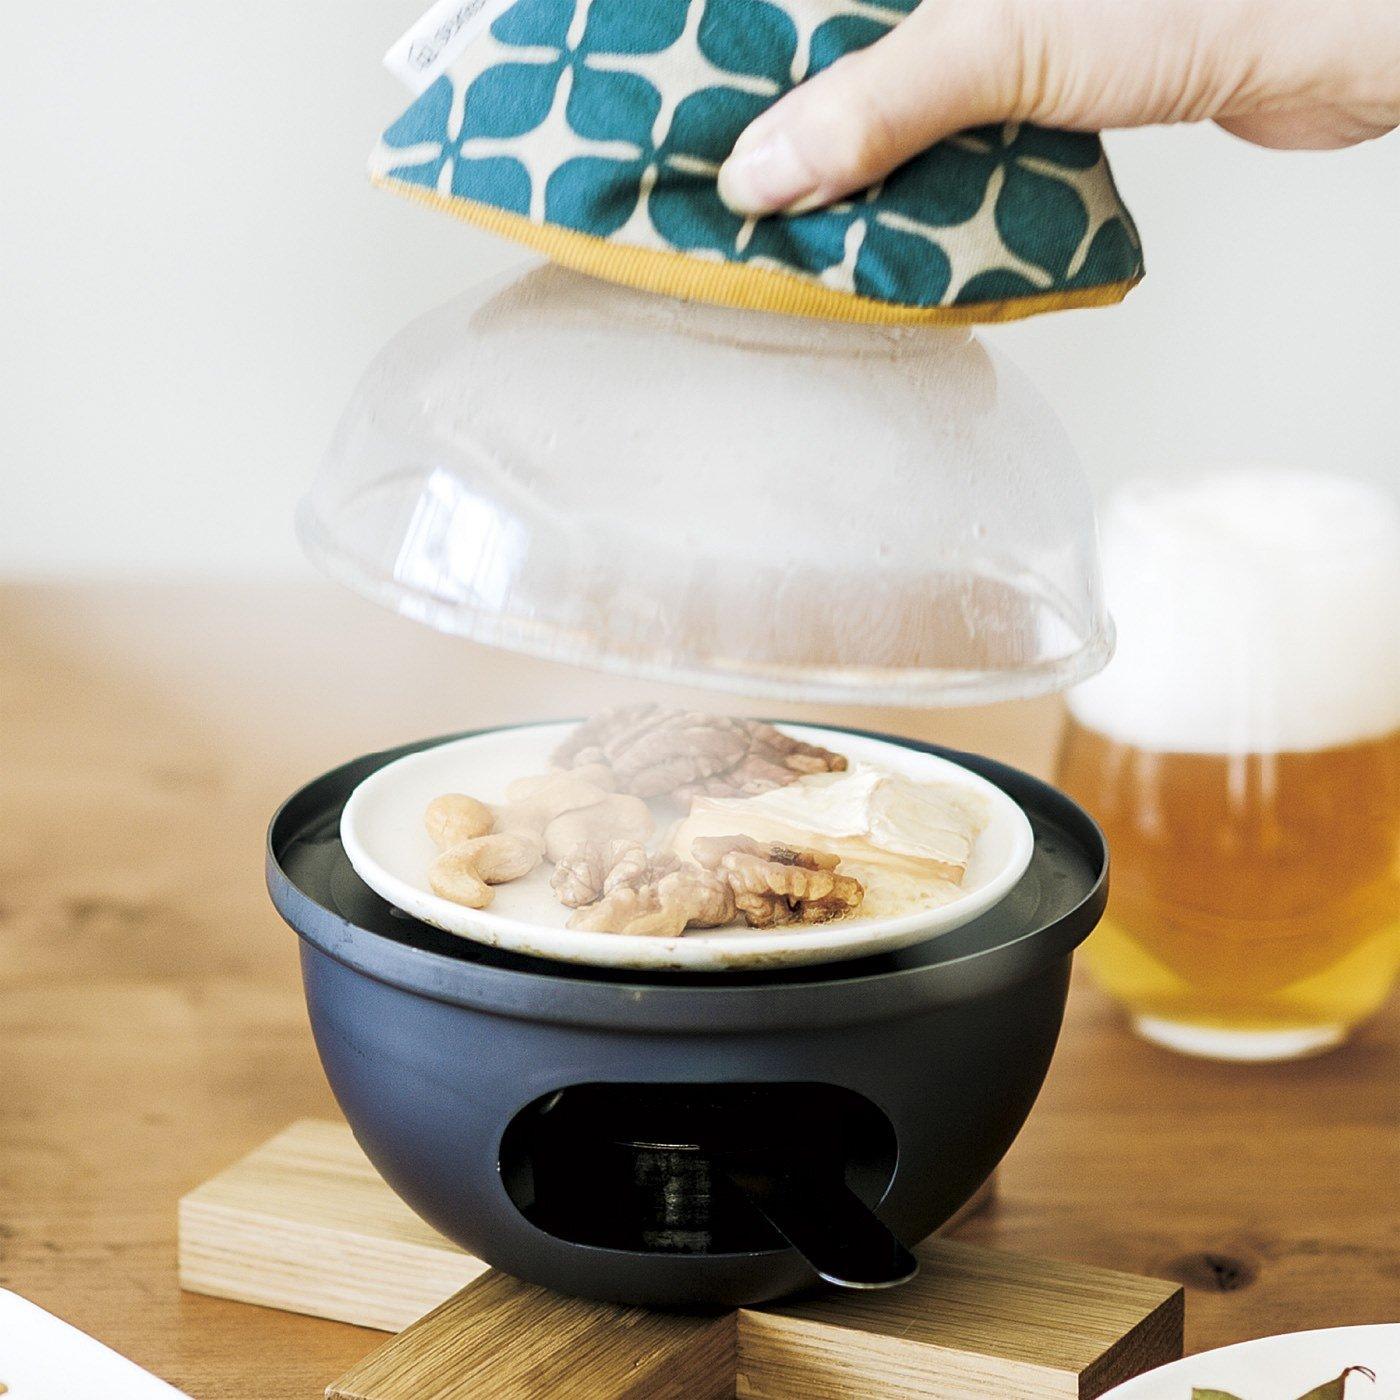 おうちでお手軽燻製(くんせい)料理 スモーククッカー